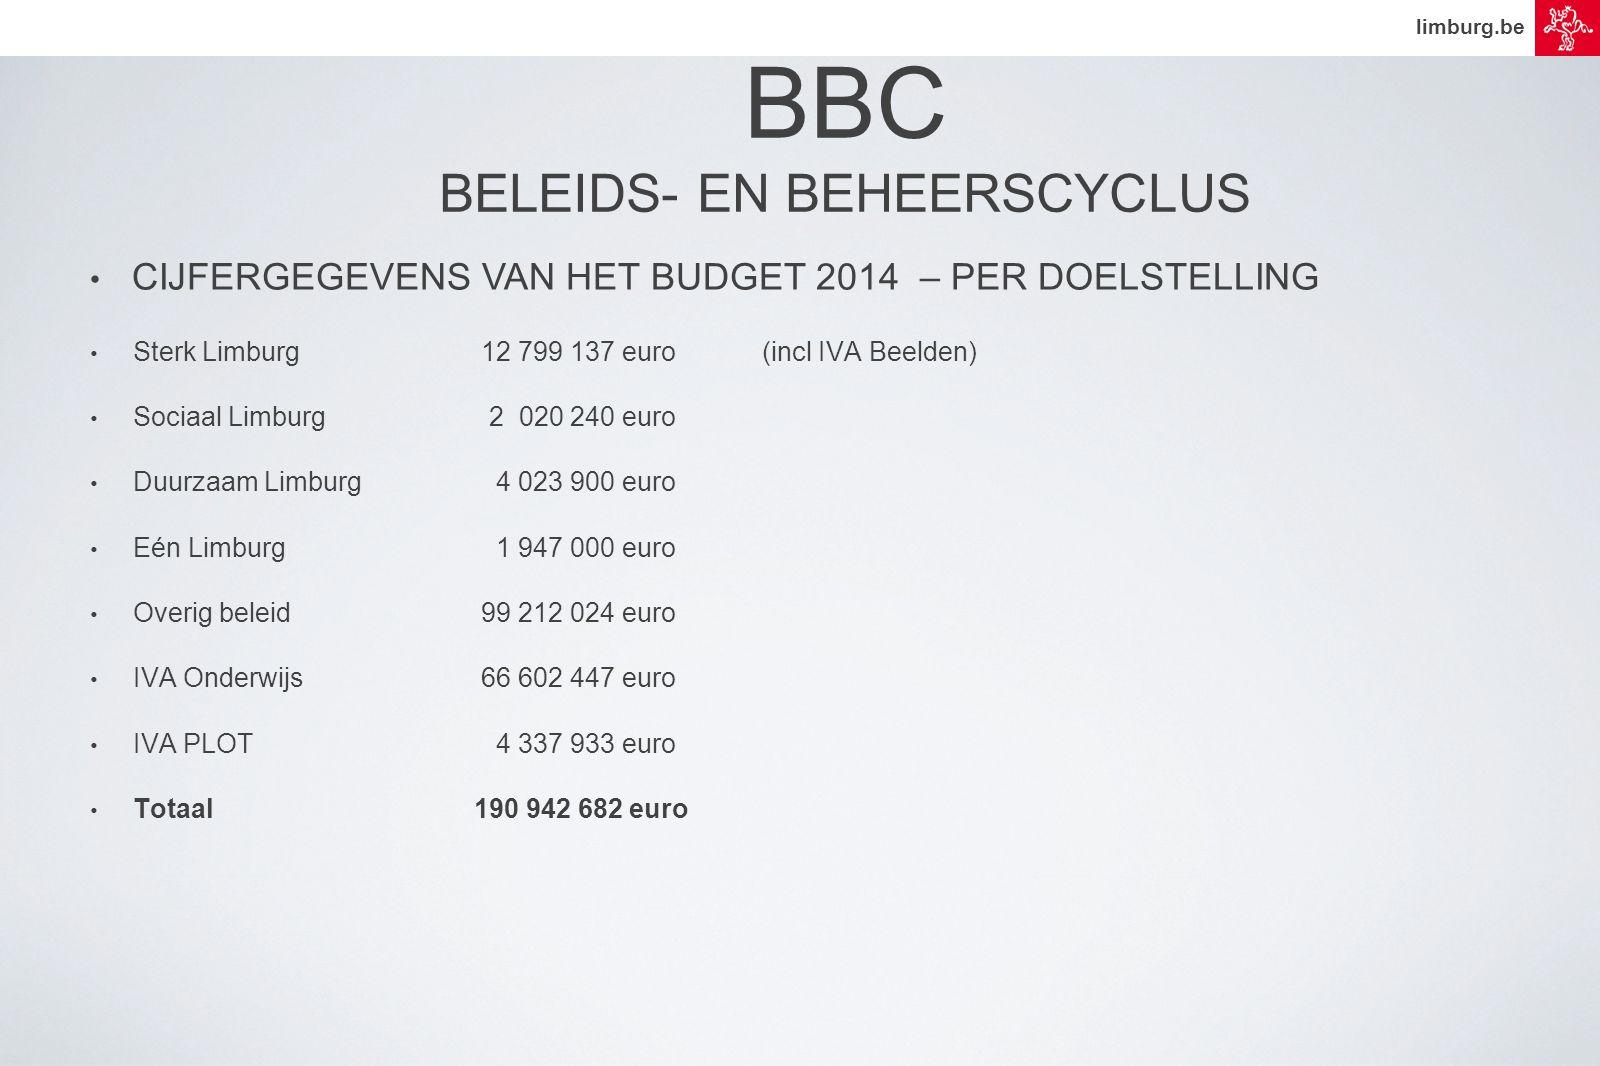 limburg.be • CIJFERGEGEVENS VAN HET BUDGET 2014 – PER DOELSTELLING • Sterk Limburg 12 799 137 euro (incl IVA Beelden) • Sociaal Limburg 2 020 240 euro • Duurzaam Limburg 4 023 900 euro • Eén Limburg 1 947 000 euro • Overig beleid 99 212 024 euro • IVA Onderwijs 66 602 447 euro • IVA PLOT 4 337 933 euro • Totaal190 942 682 euro BBC BELEIDS- EN BEHEERSCYCLUS